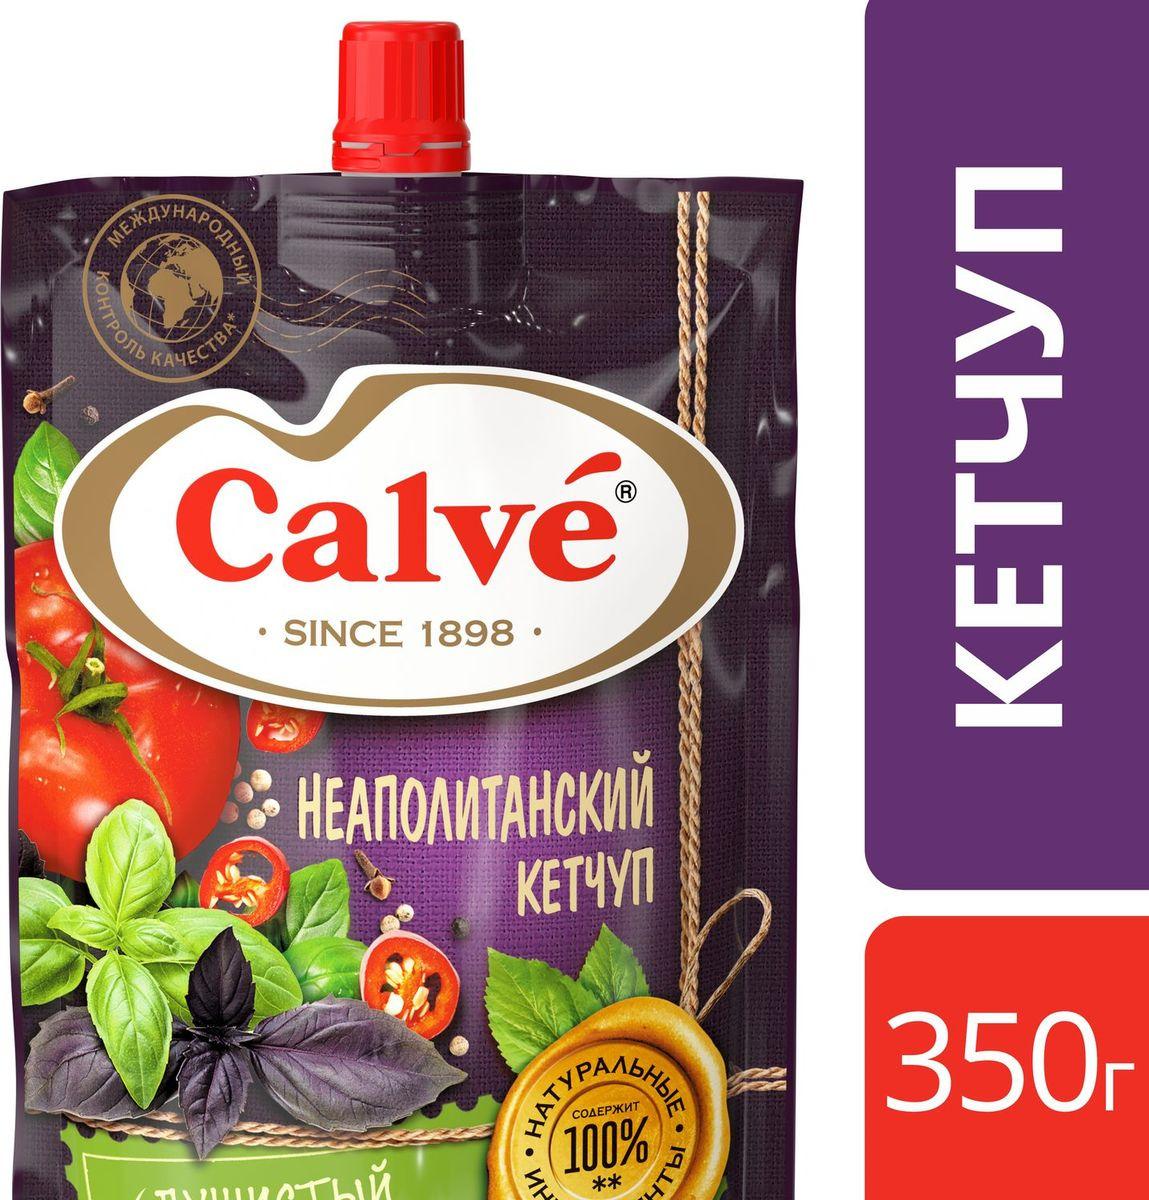 CalveКетчуп Неаполитанский, 350 г Calve